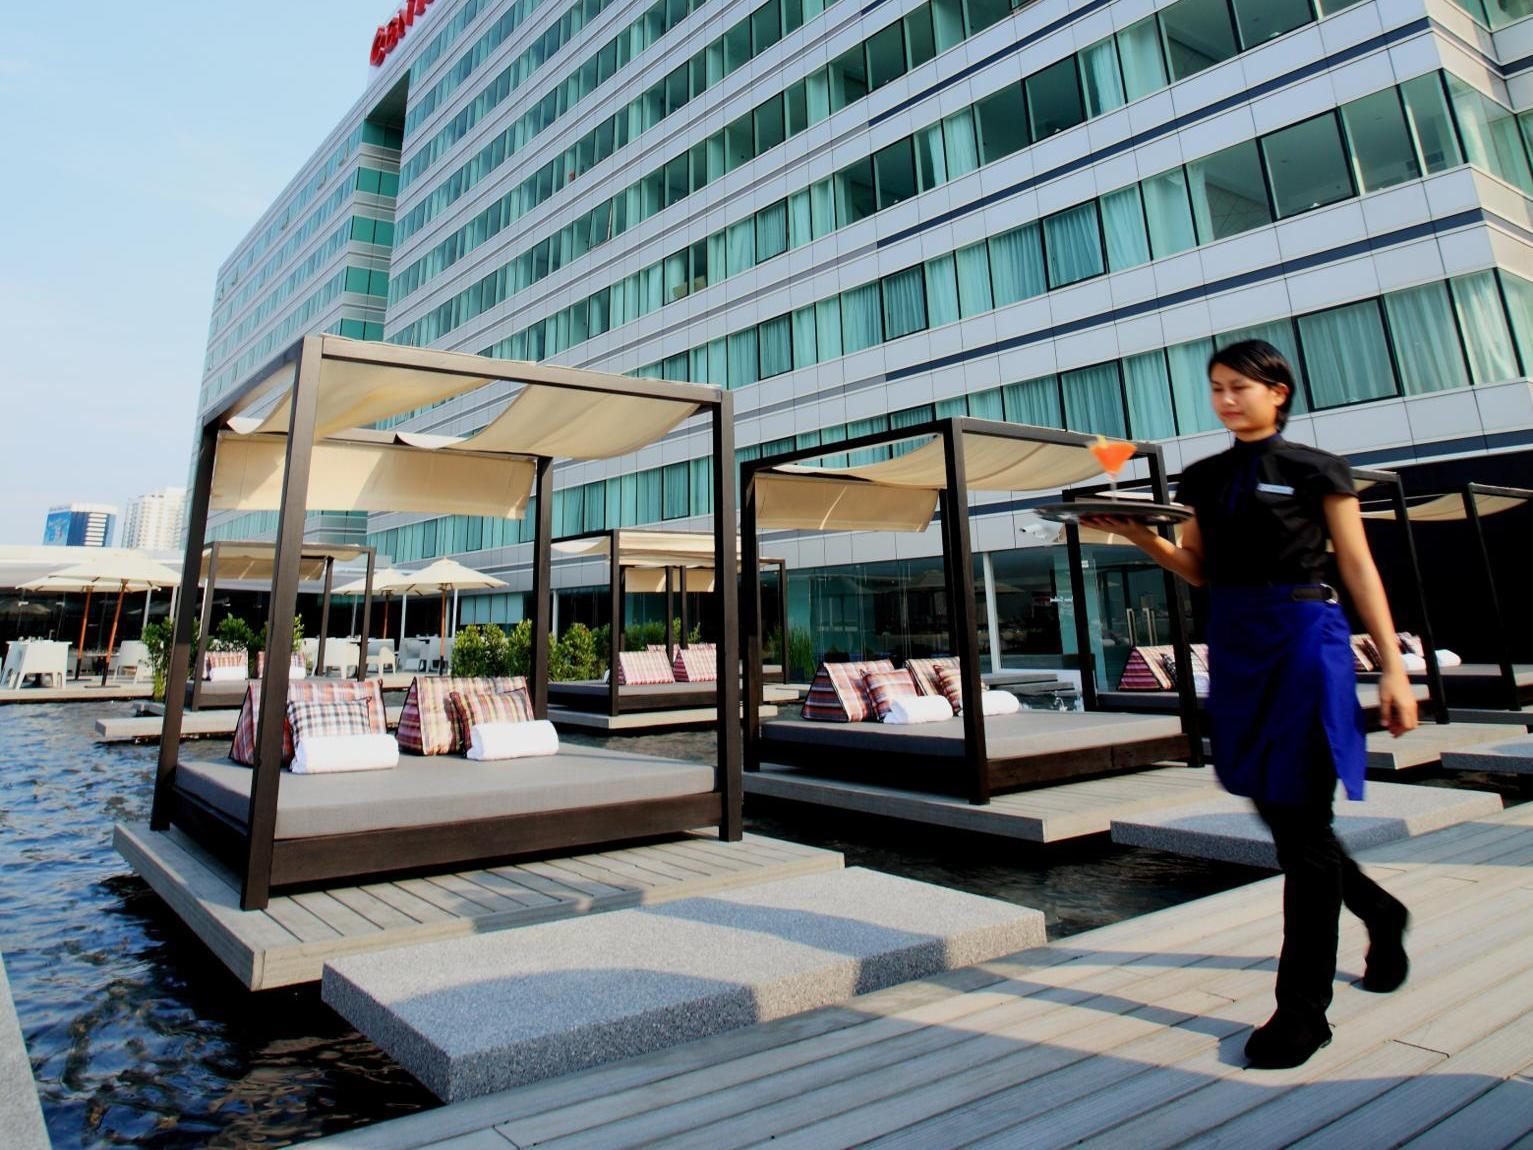 โรงแรมเซ็นทารา วอเตอร์เกท พาวิลเลียน กรุงเทพฯ